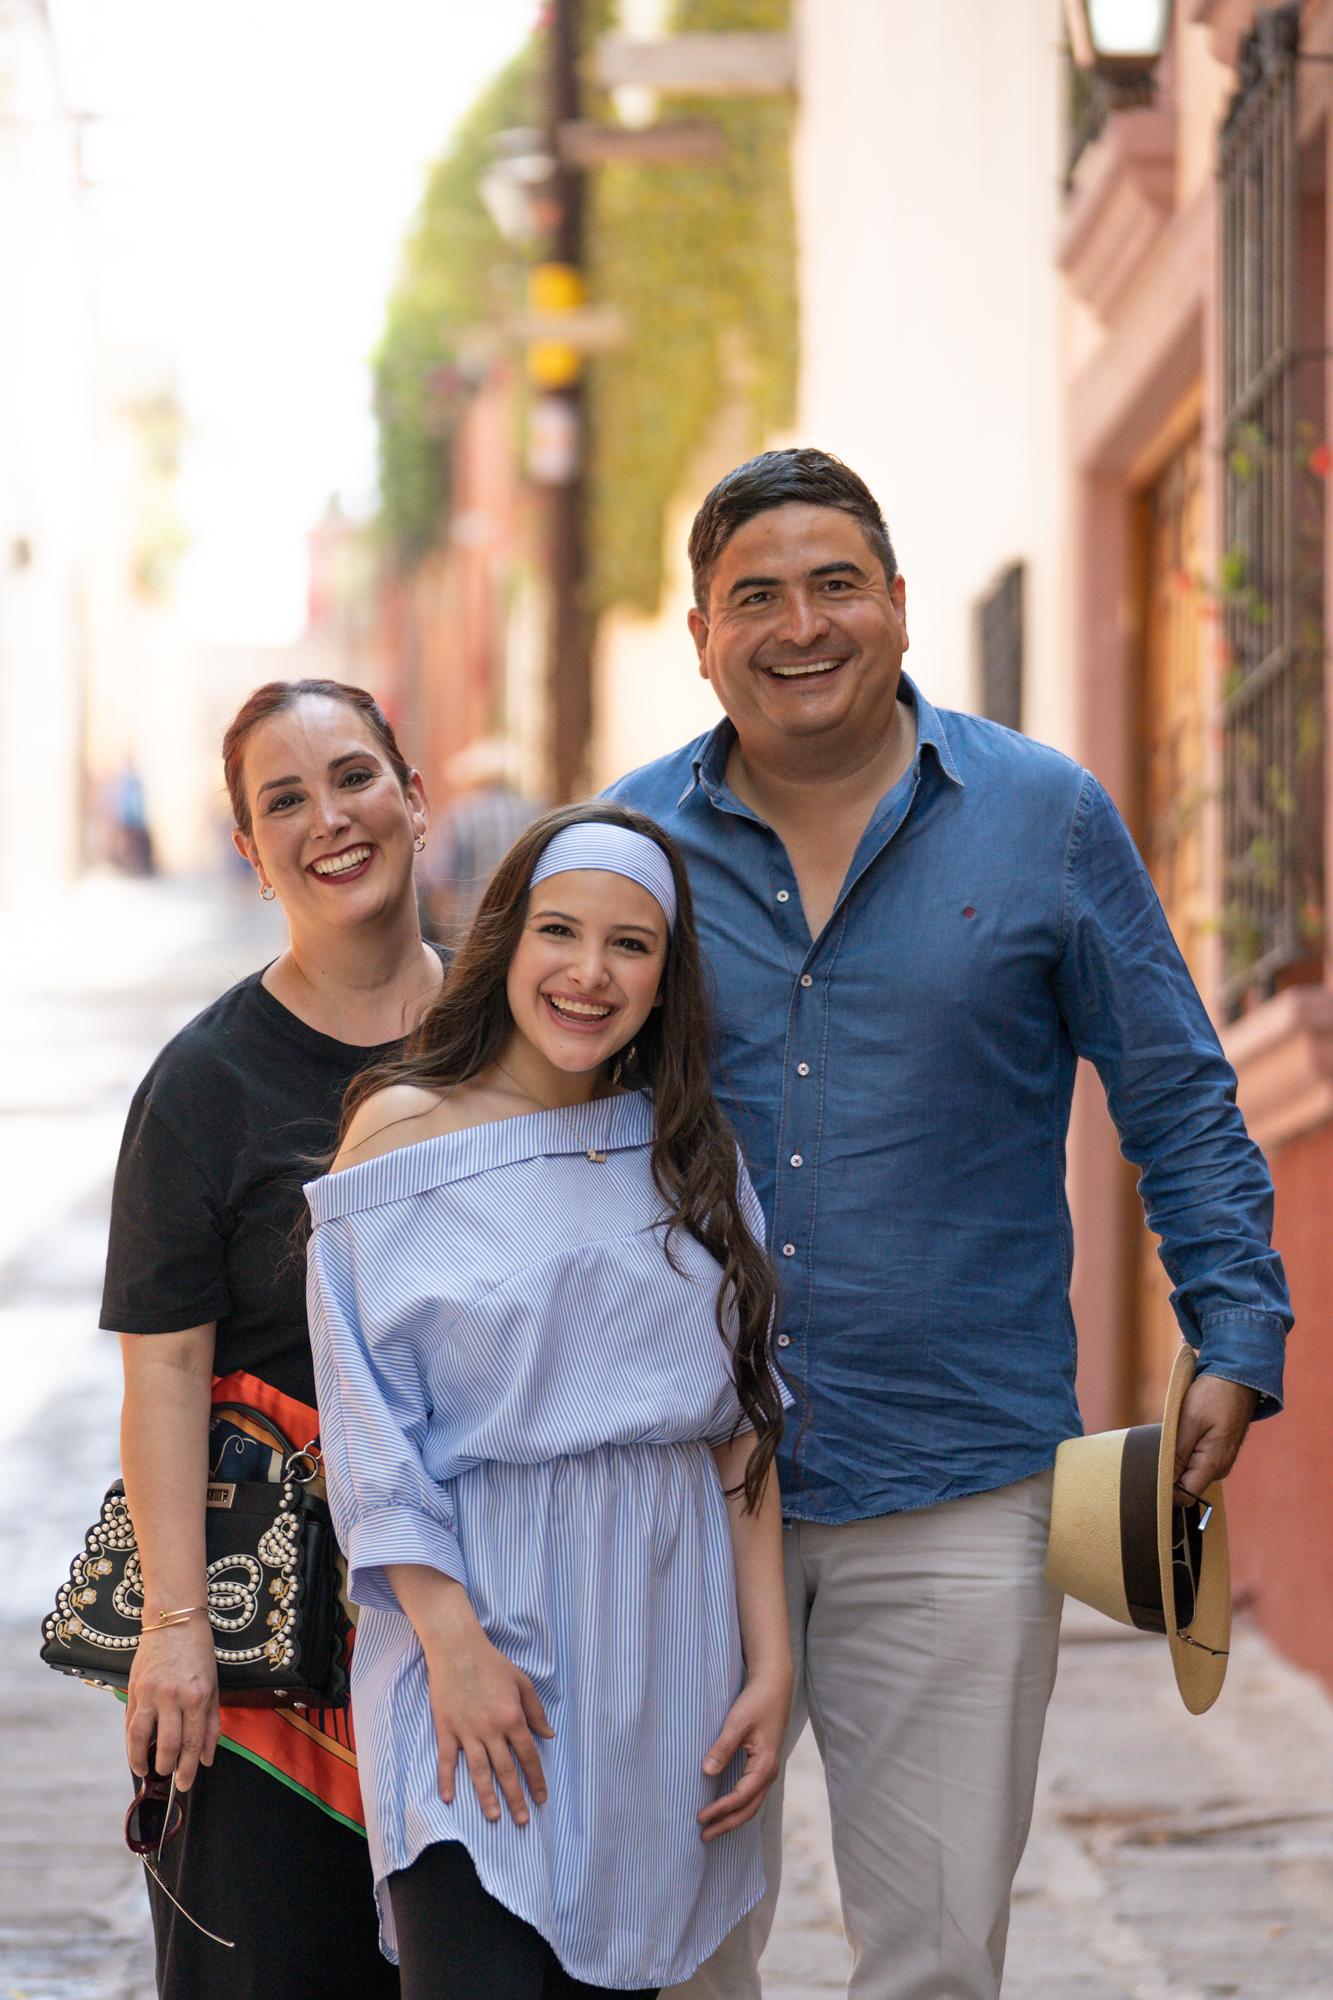 Sesion de Fotos en San Miguel de Allende con Rogelio y su Fmailia-59.jpg